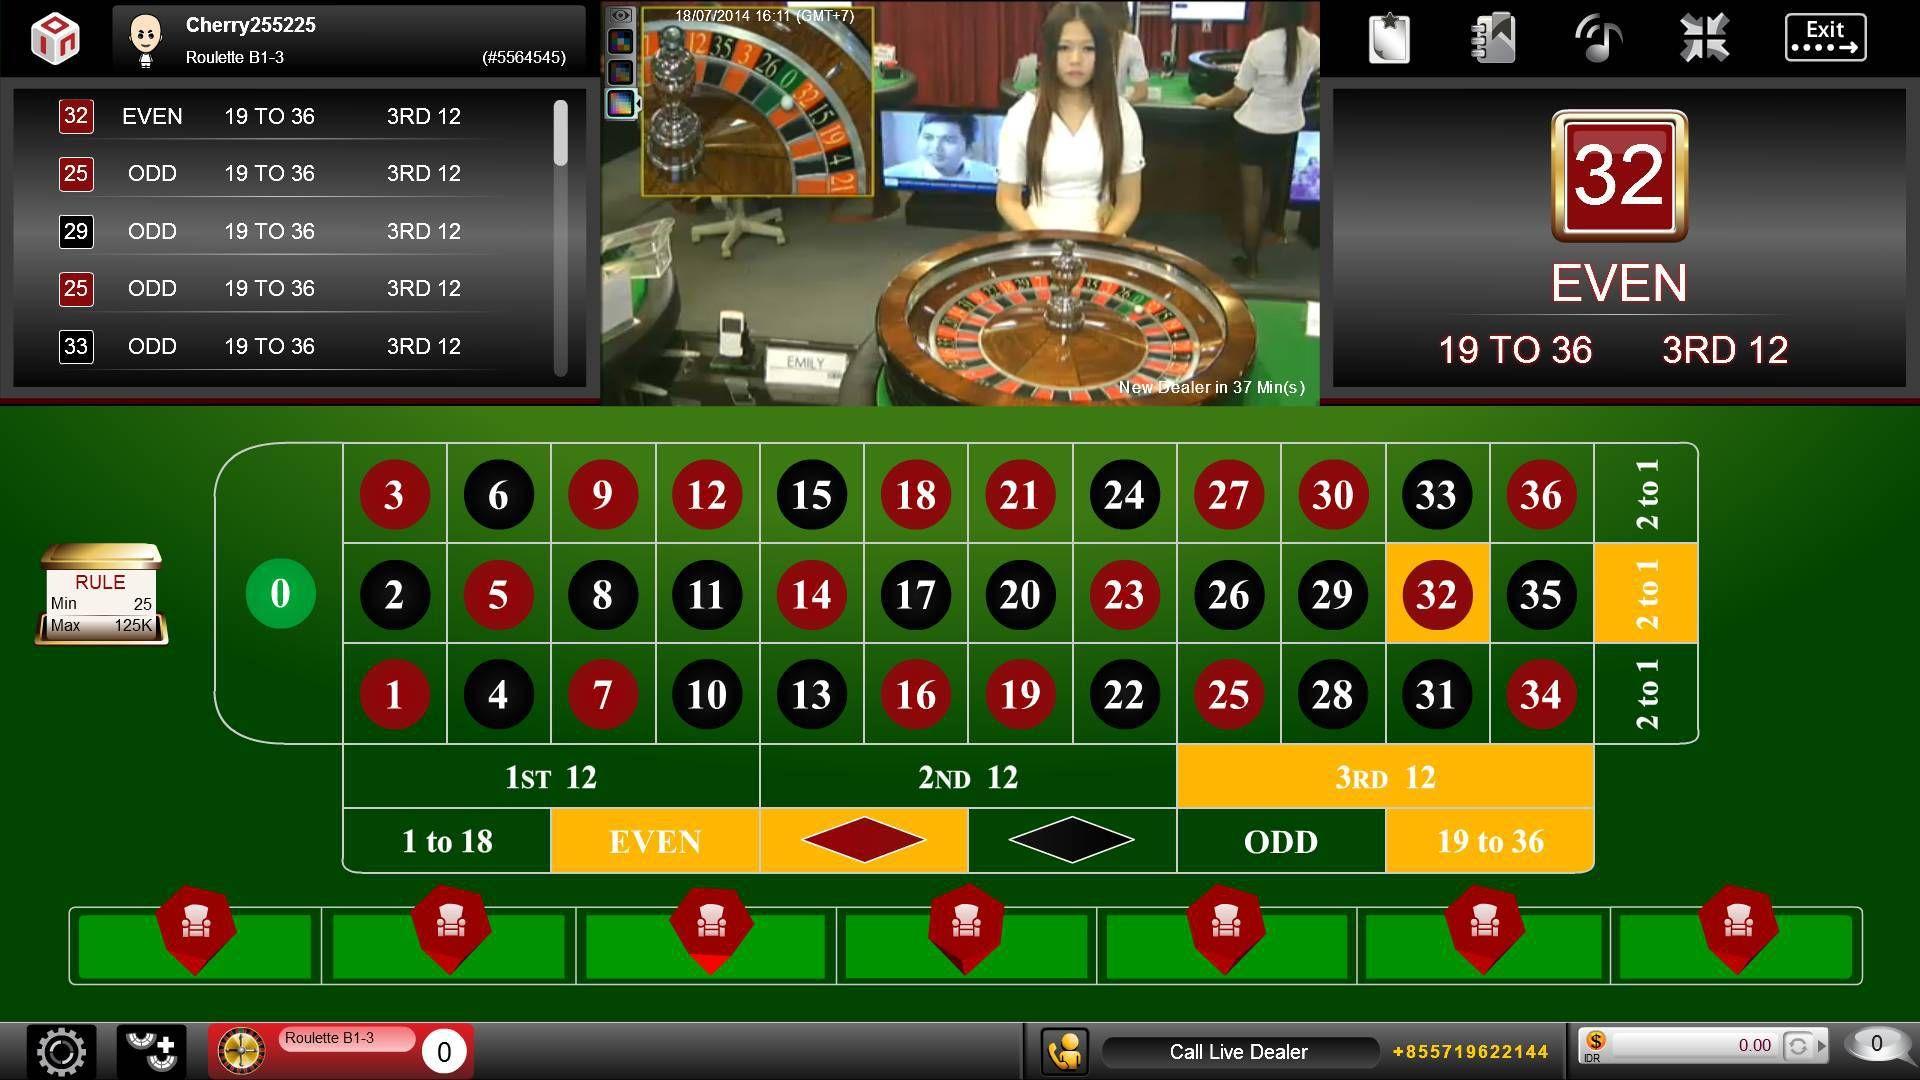 prism casino no deposit bonus 2019